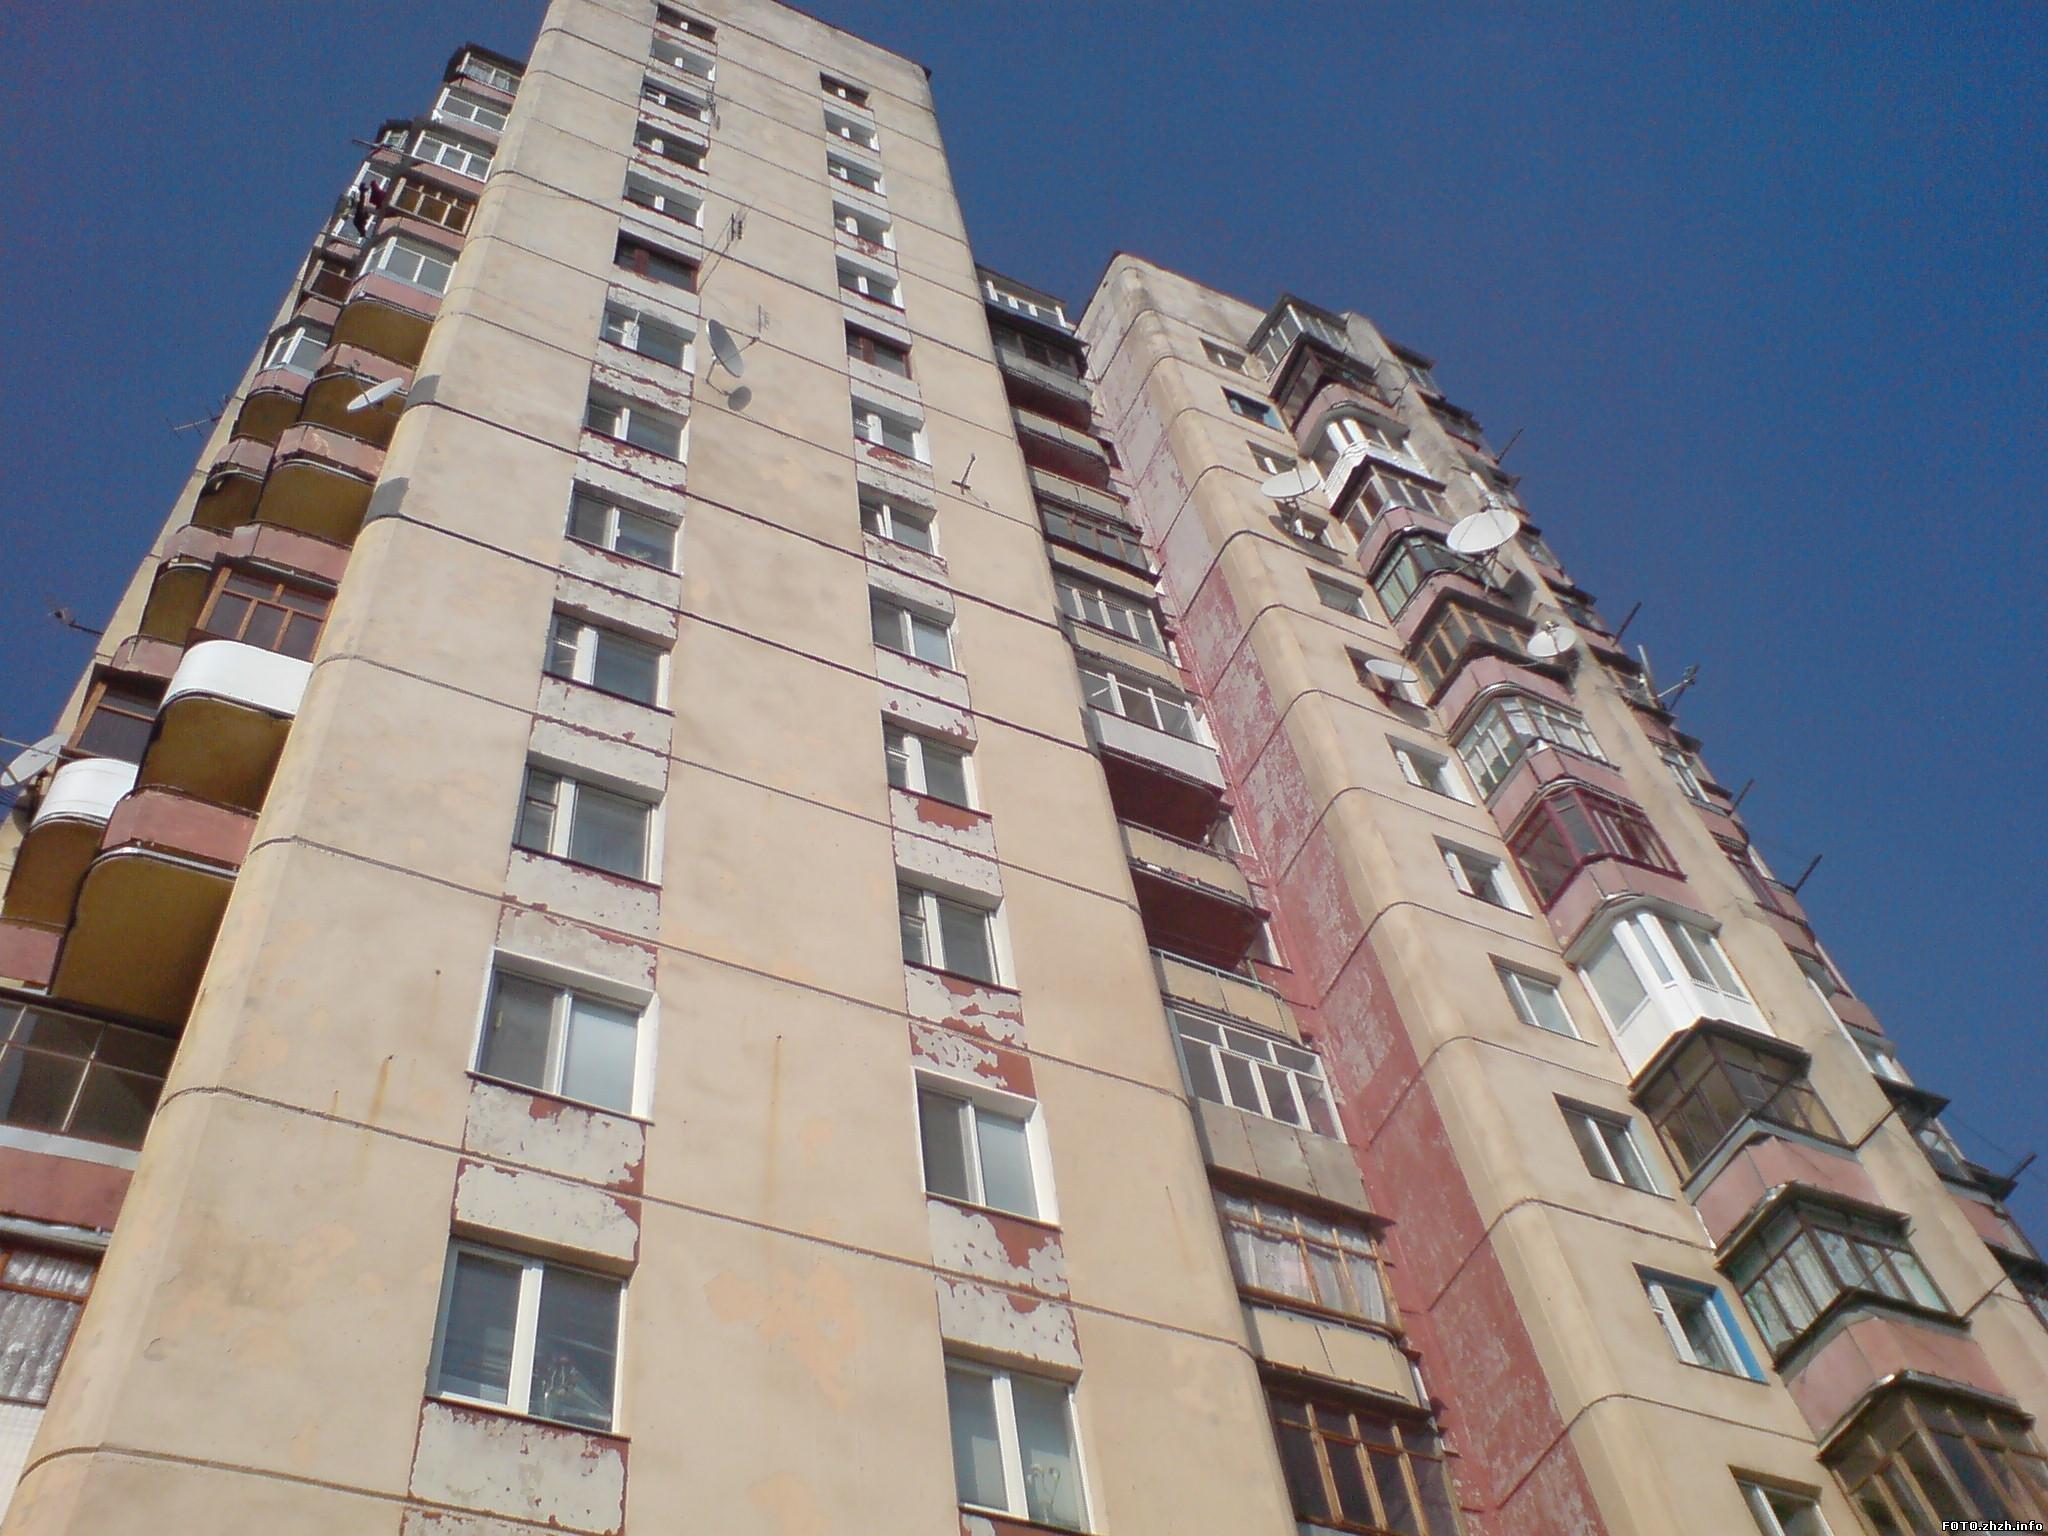 В кирове разбился молодой человек: он упал с 16 этажа вЯтка .